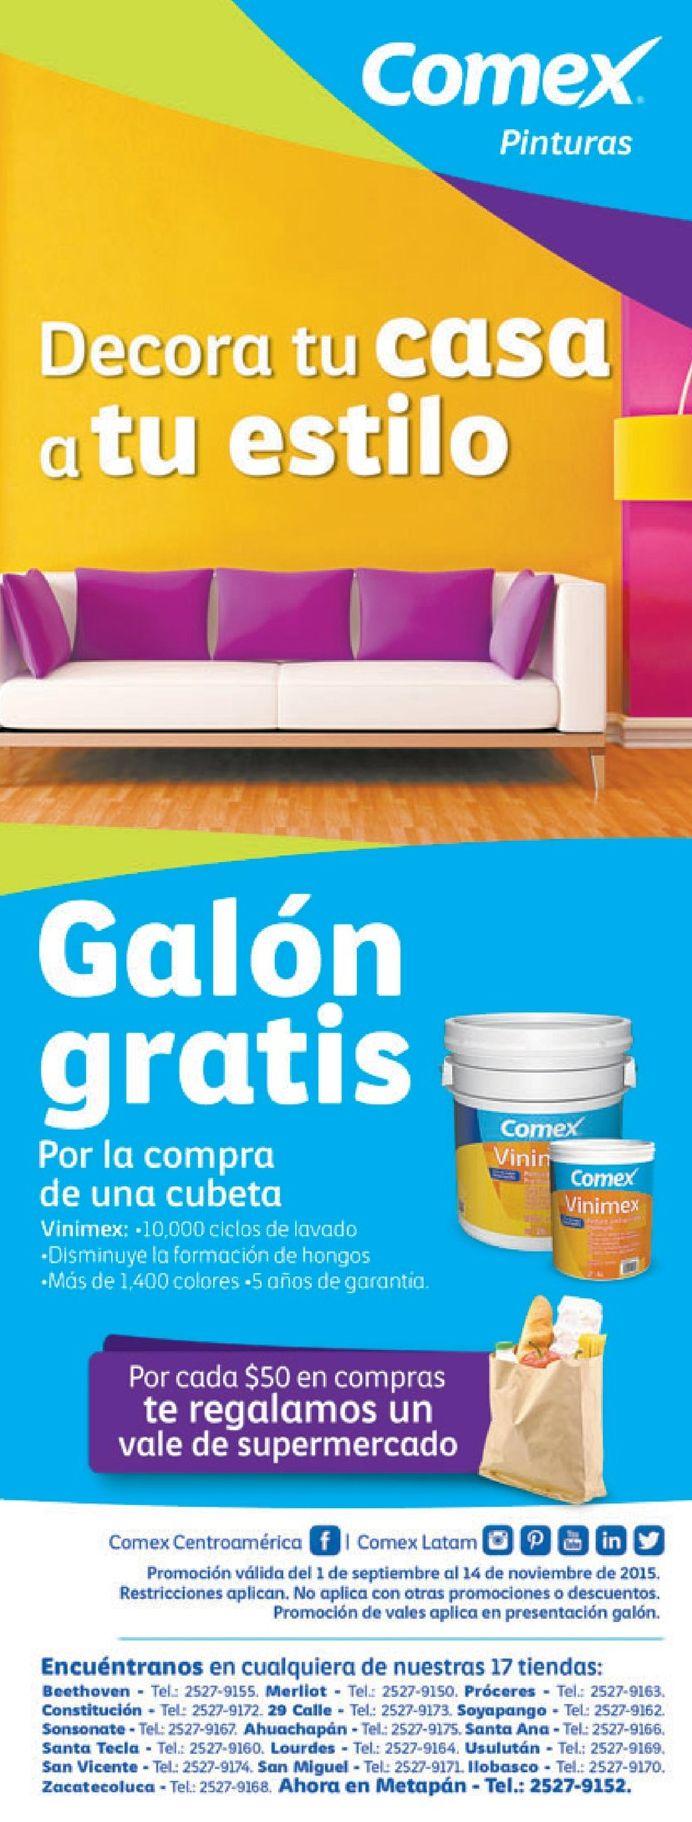 Decora tu casa a tu estilo con promociones comex pinturas for Decora tu casa tu mismo